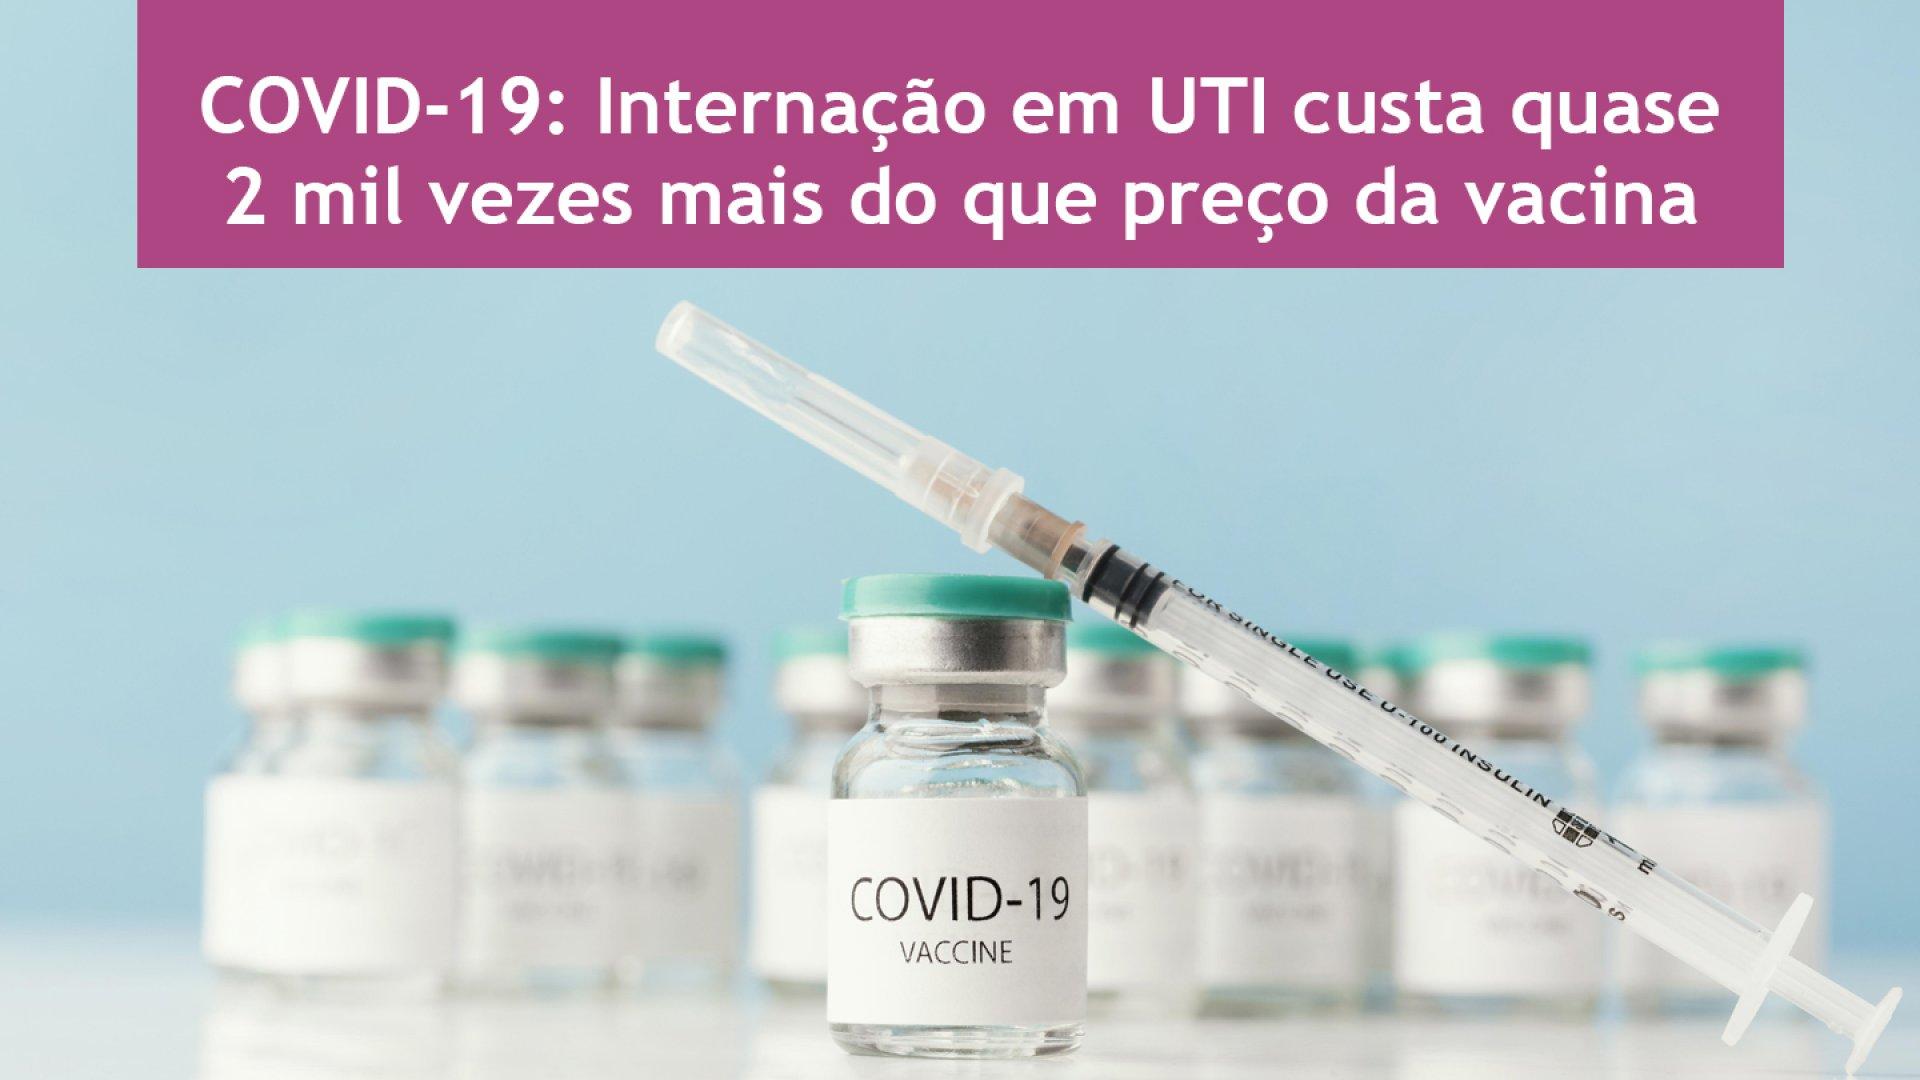 [Covid-19: Internação em UTI custa quase 2 mil vezes mais do que preço da vacina]